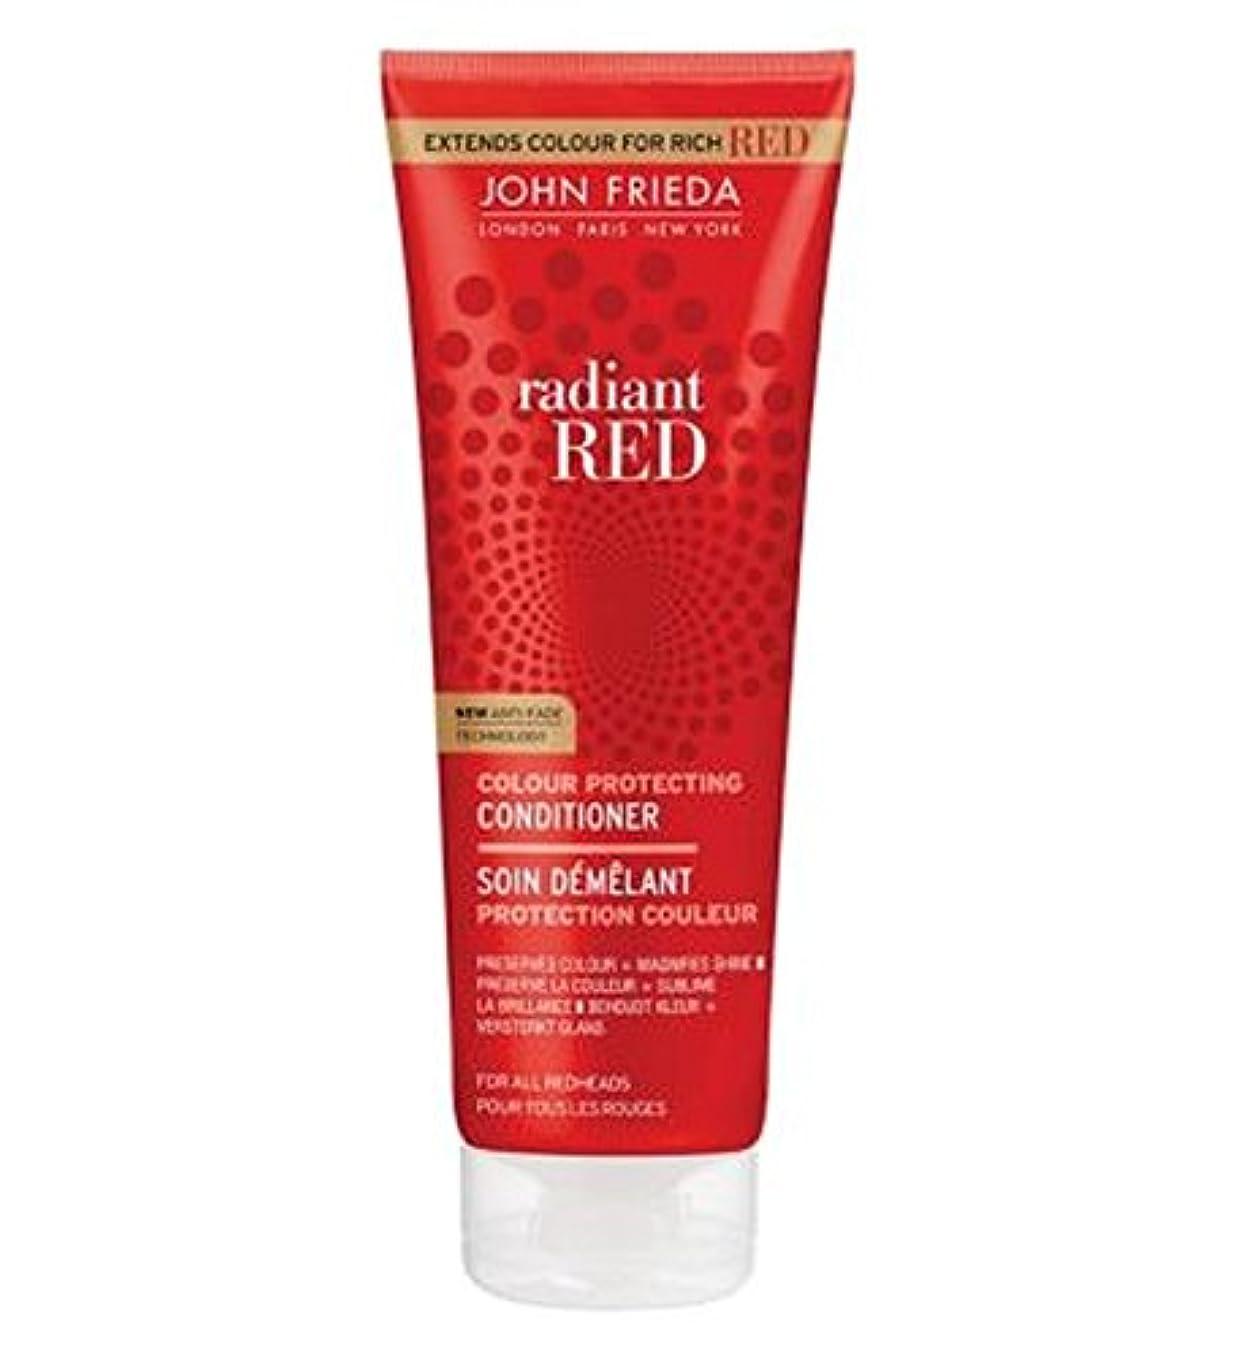 オーバーヘッド豊かにする宿るJohn Frieda Radiant Red Colour Magnifying Conditioner 250ml - ジョン?フリーダ放射赤色拡大コンディショナー250Ml (John Frieda) [並行輸入品]